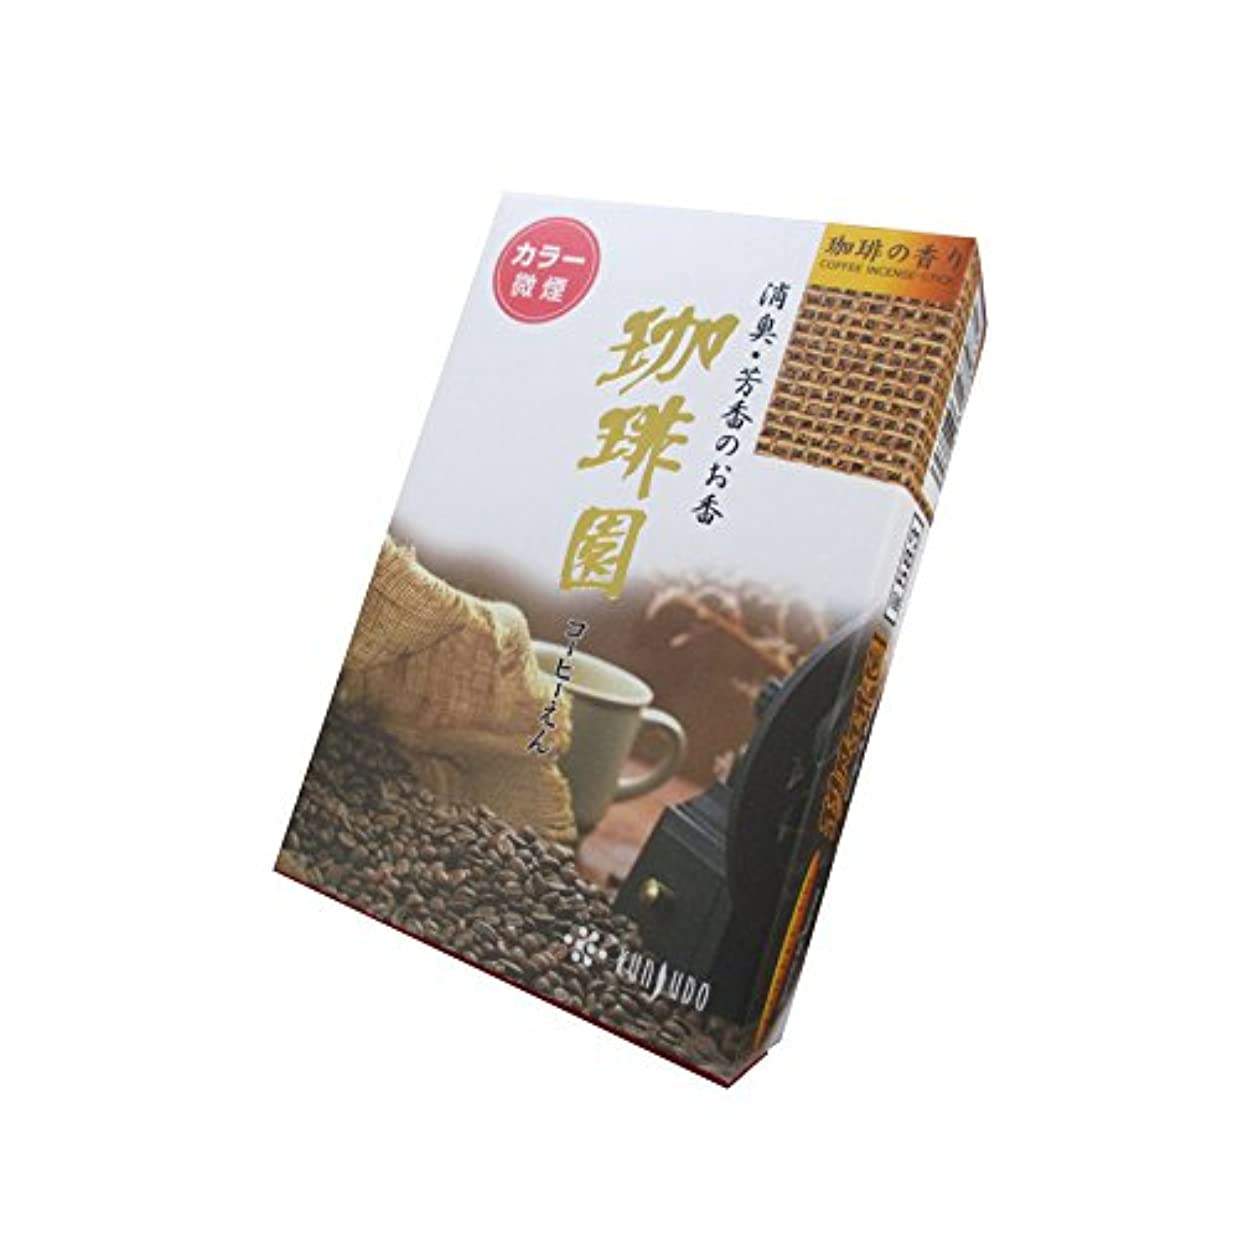 ジャベスウィルソンマーケティング候補者薫寿堂のお線香 珈琲園 微煙 ミニ寸 #583